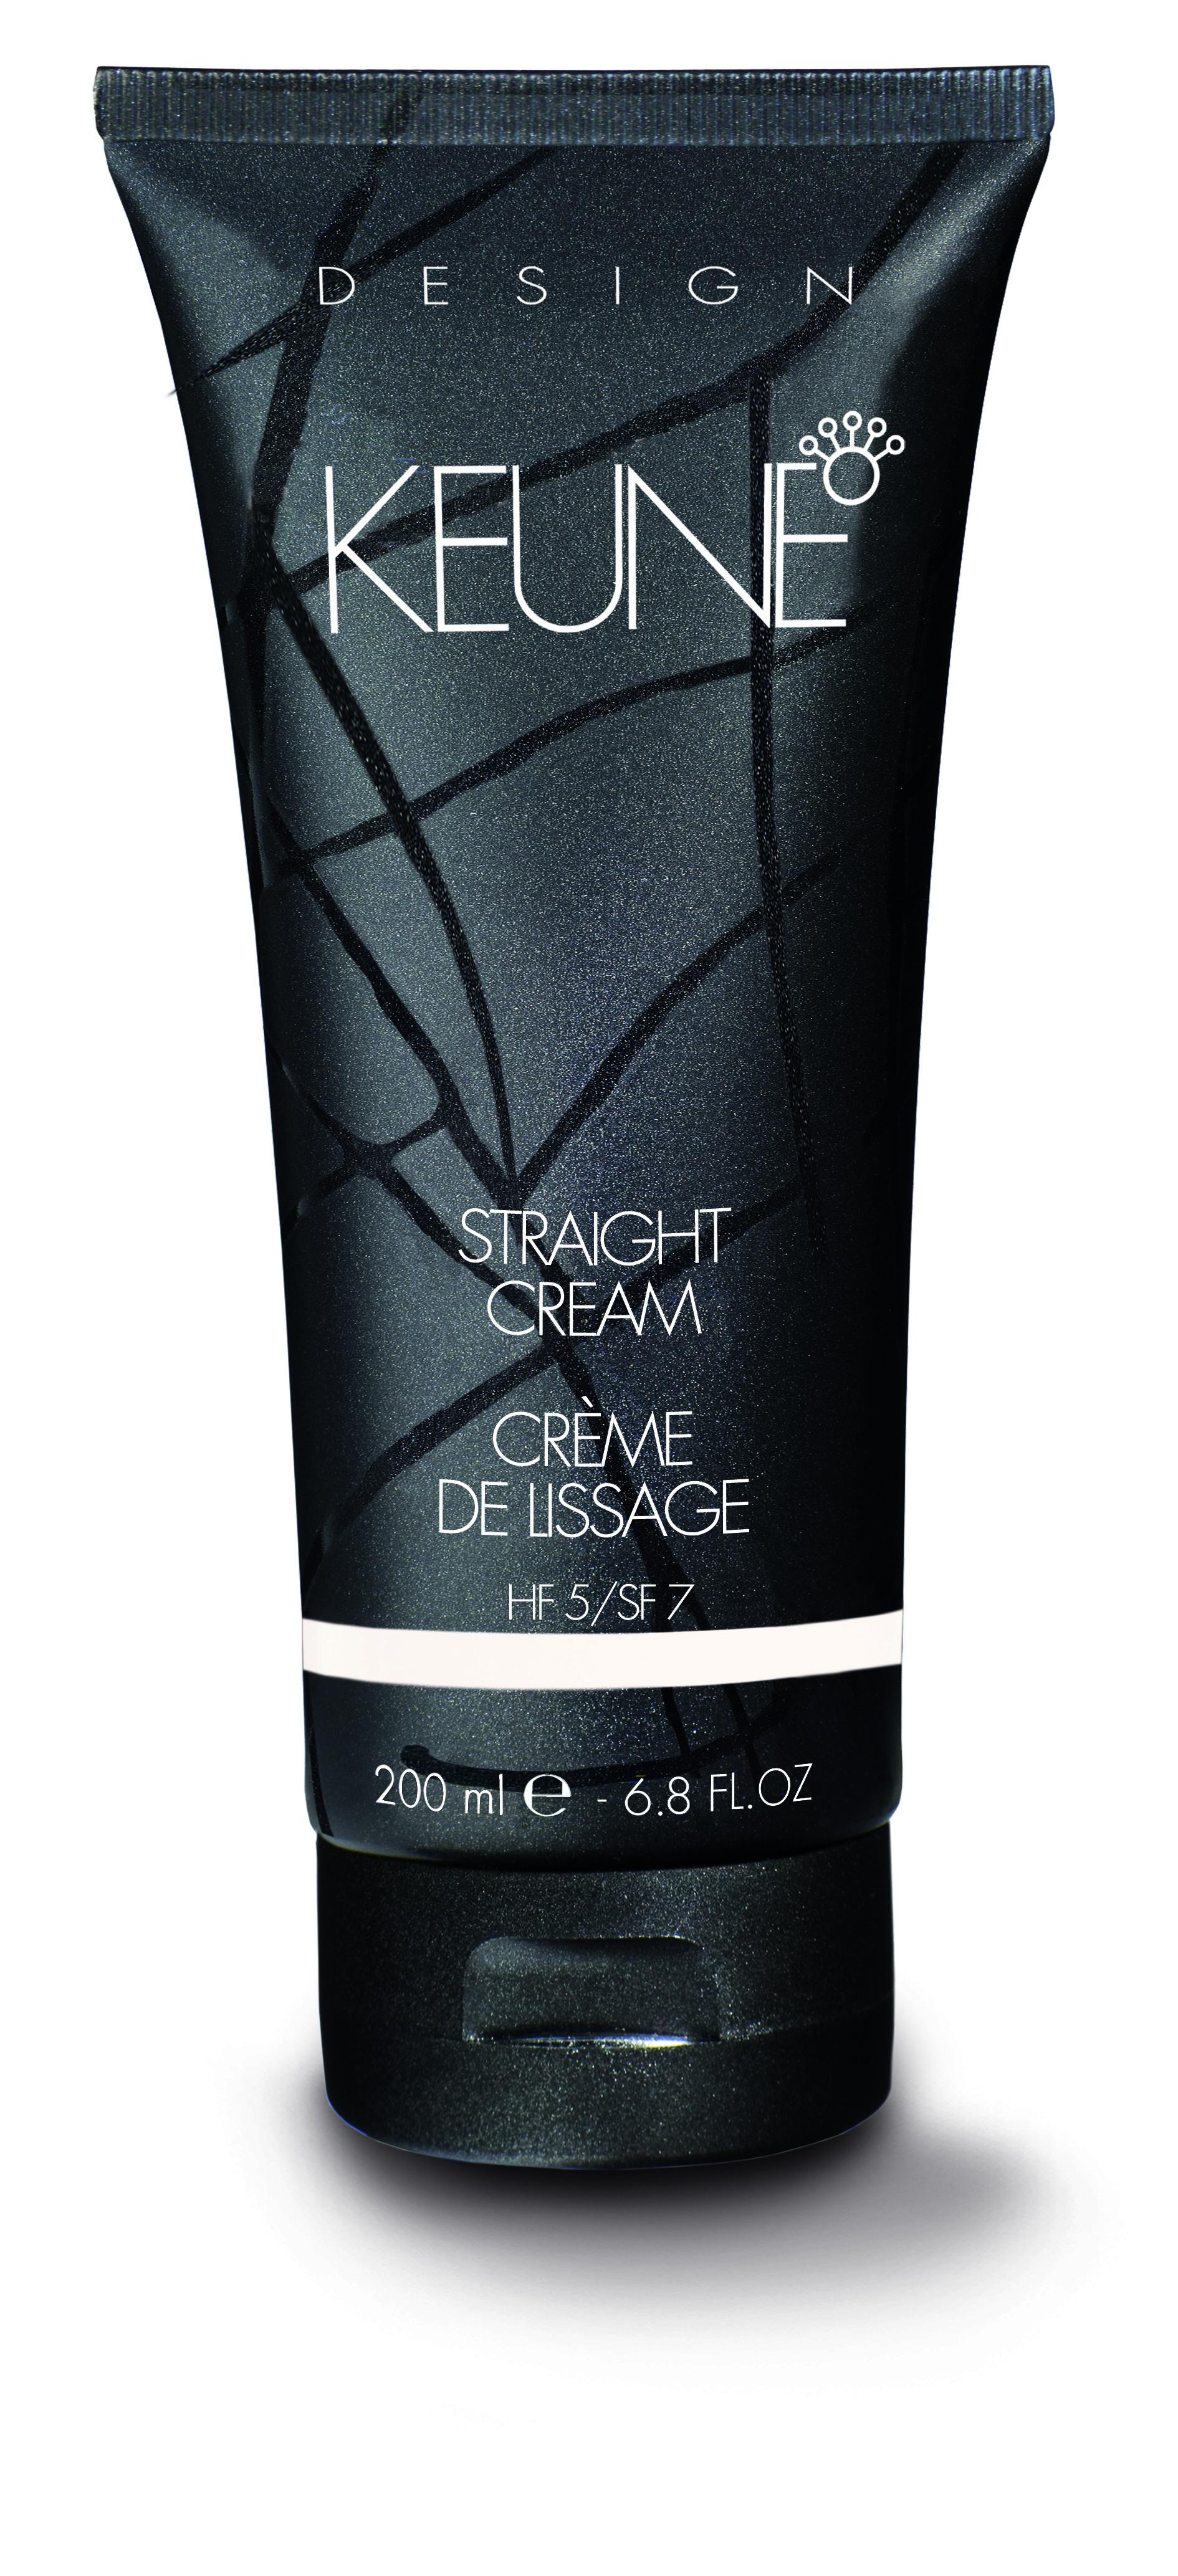 KEUNE Крем выпрямляющий / STRAIGHT CREAM 200млКремы<br>Keune Design Styling Straight Cream &amp;ndash; Выпрямляющий крем   еще одно великолепное достижение ученых и стилистов Нидерландов. Данное средство превосходно разглаживает волосы и эффект сохраняется до очередного случая мытья. Этому крему под силу справиться со вьющимися от природы волосами и даже с кудрями после химической завивки! При этом нет ощущения утяжеления волос. Пряди приобретают невероятный блеск. Они гладкие и послушные. Для усиления действия Выпрямляющего крема от Keune воспользуйтесь феном.  Применение: Высушите волосы полотенцем, а затем нанесите крем. Распределите его с помощью расчески.<br><br>Объем: 200<br>Типы волос: Кудрявые